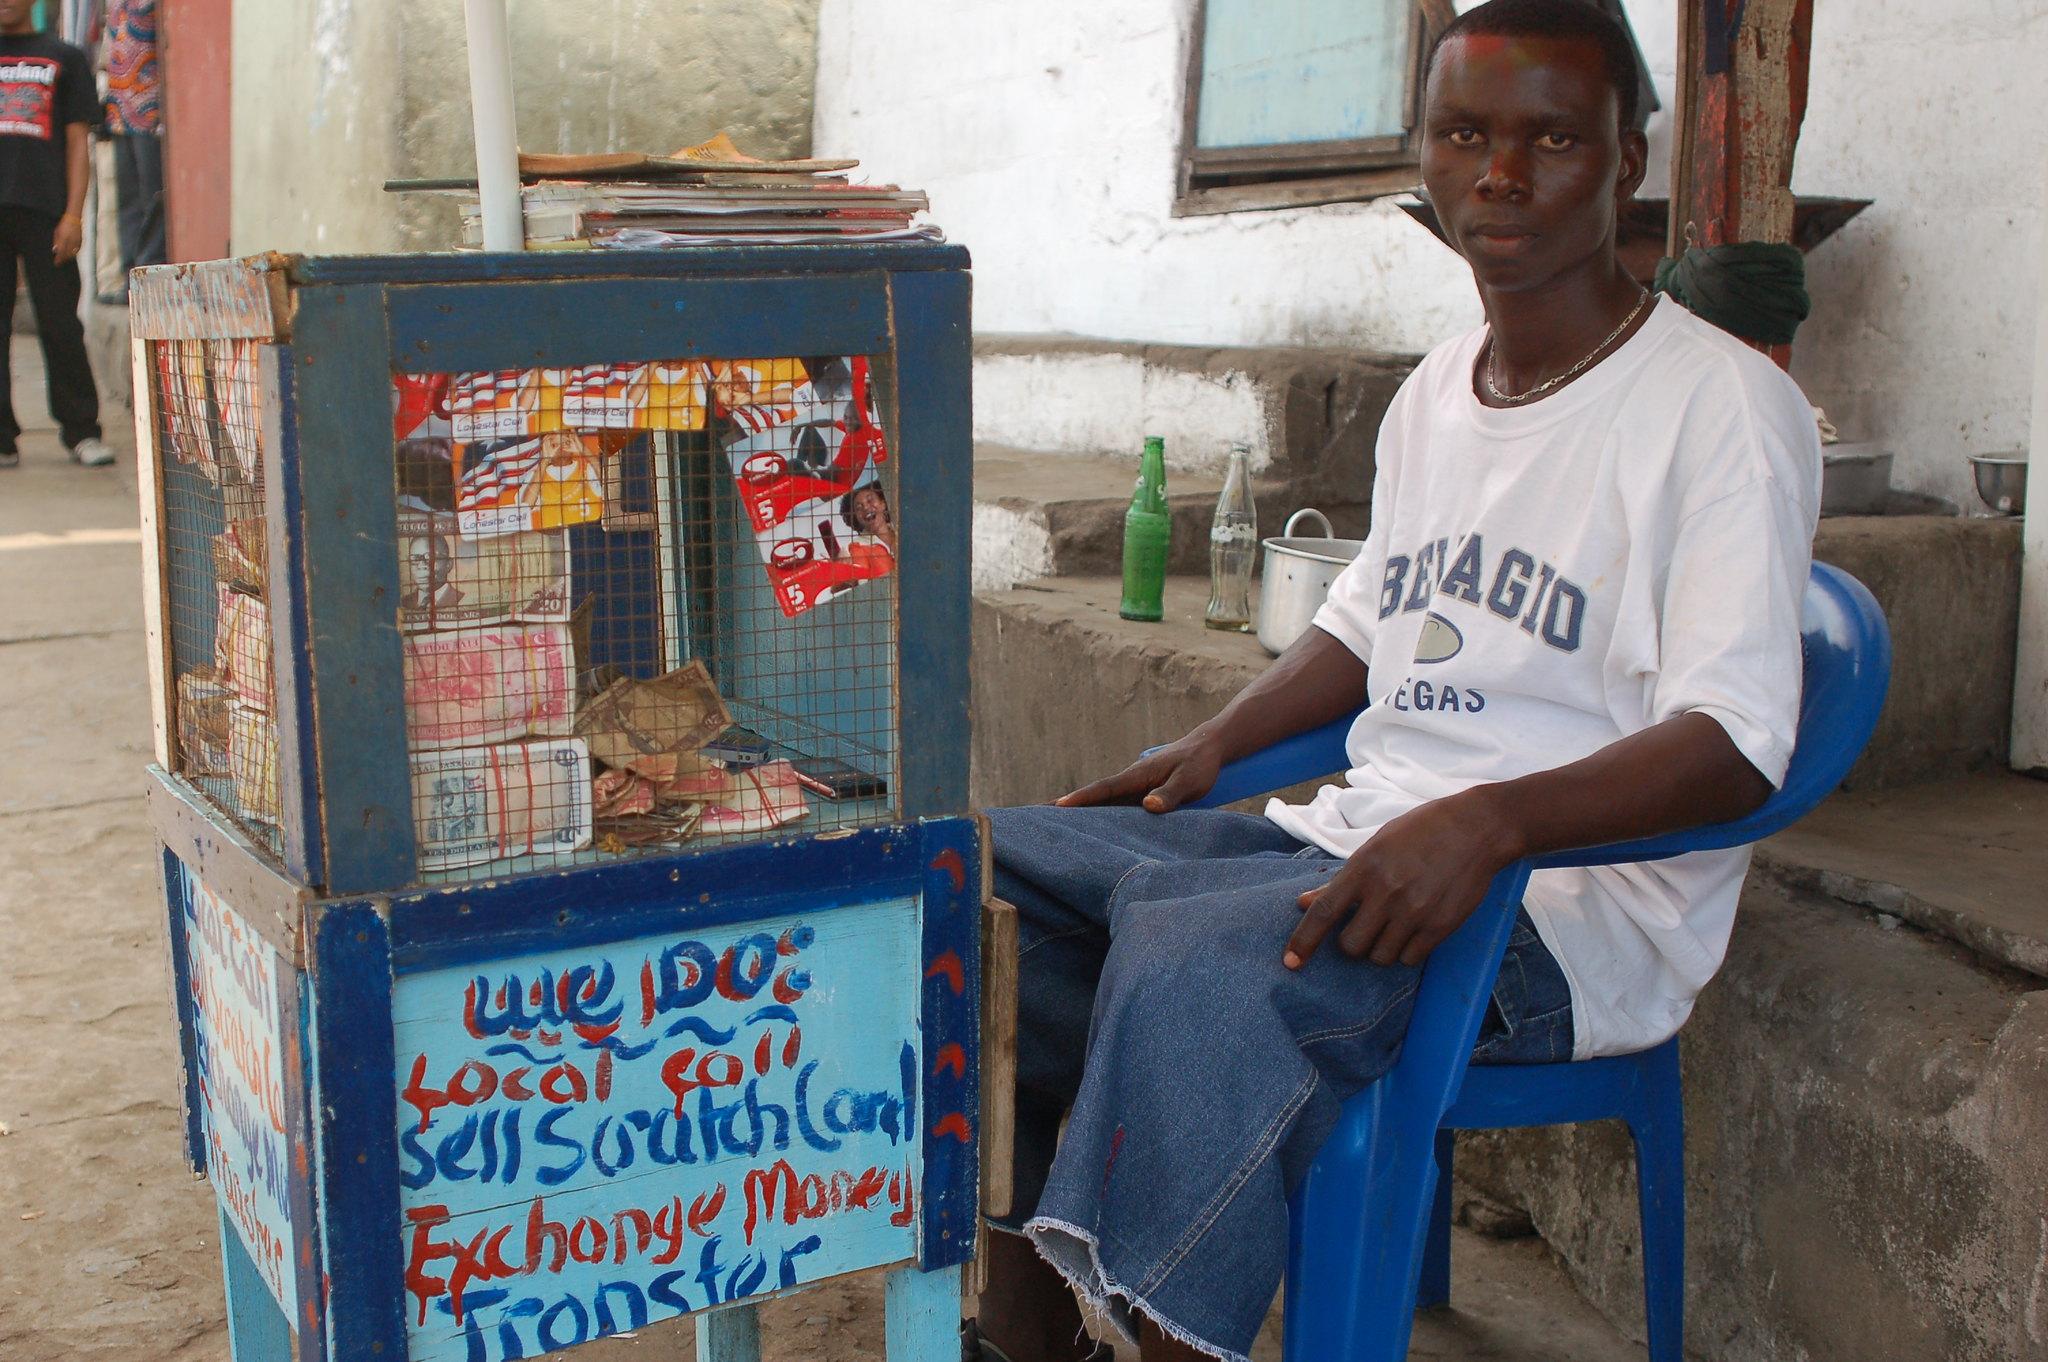 Le vendeur est assis devant un petit kiosque qui propose des cartes de recharge pour téléphone portable.